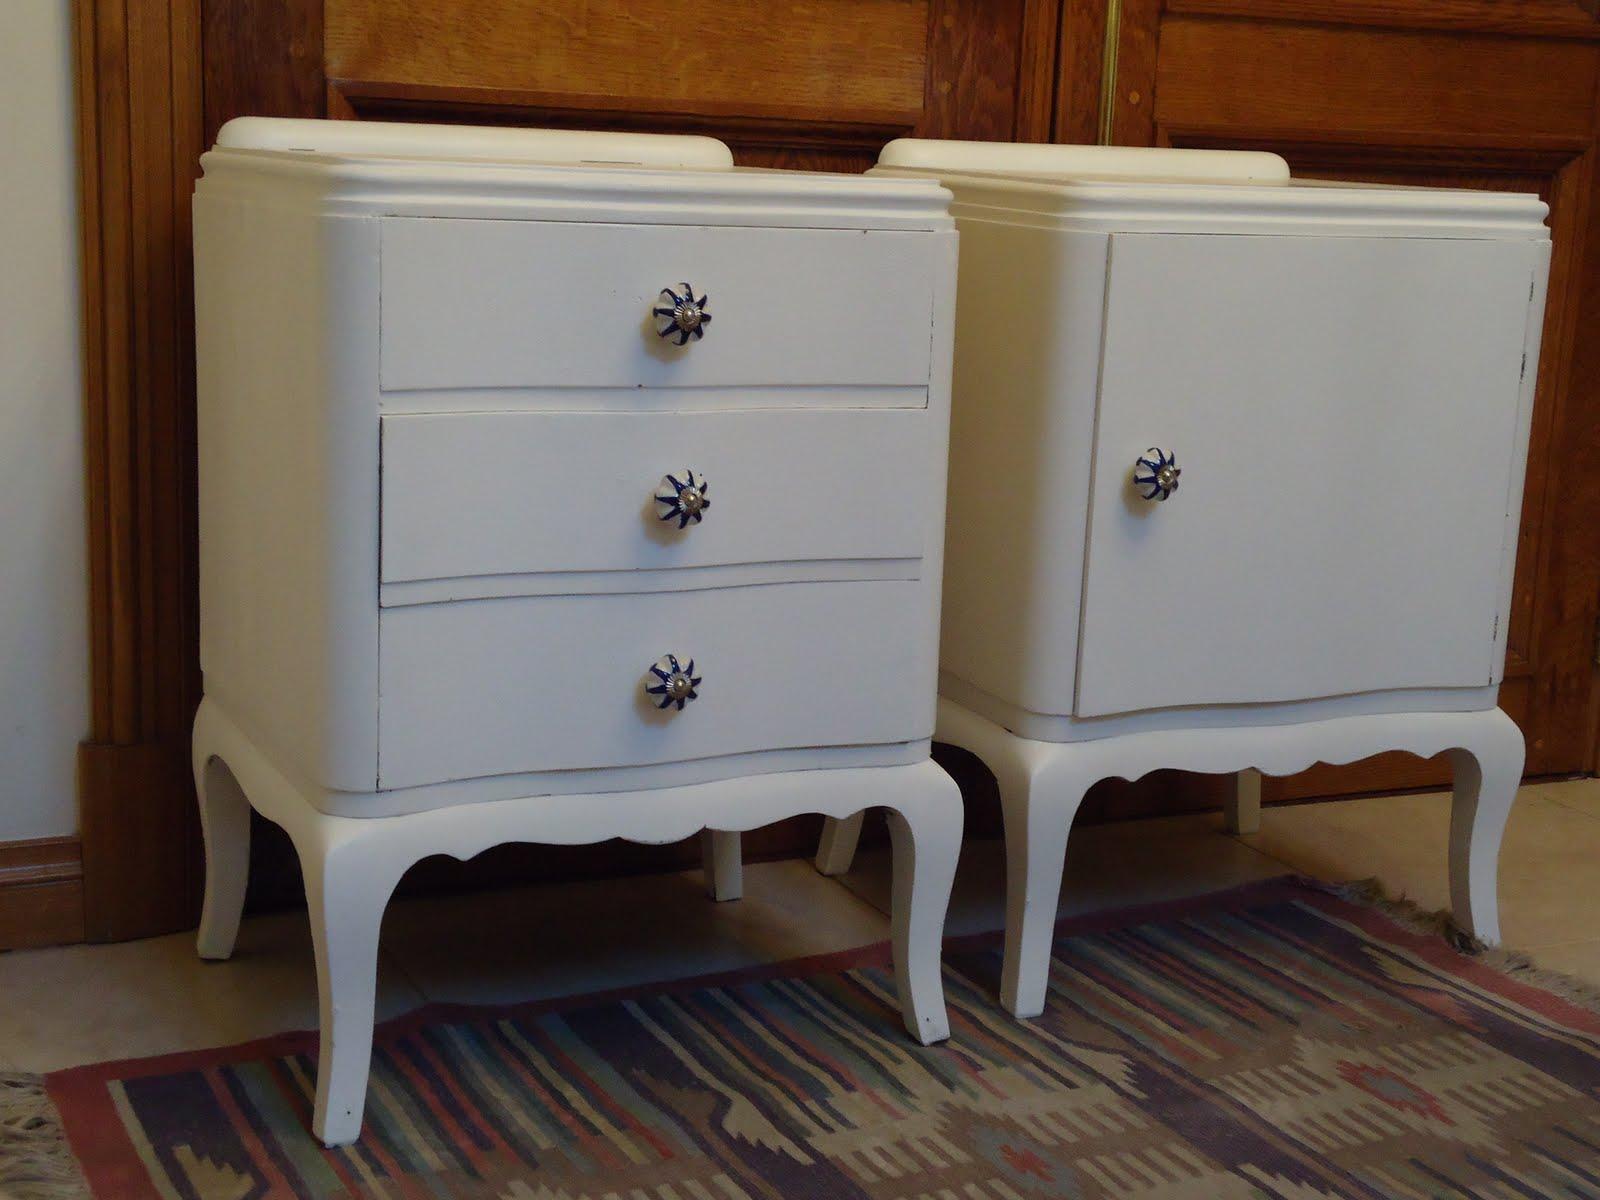 Vintouch muebles reciclados pintados a mano mesas de - Tiradores rusticos para muebles ...